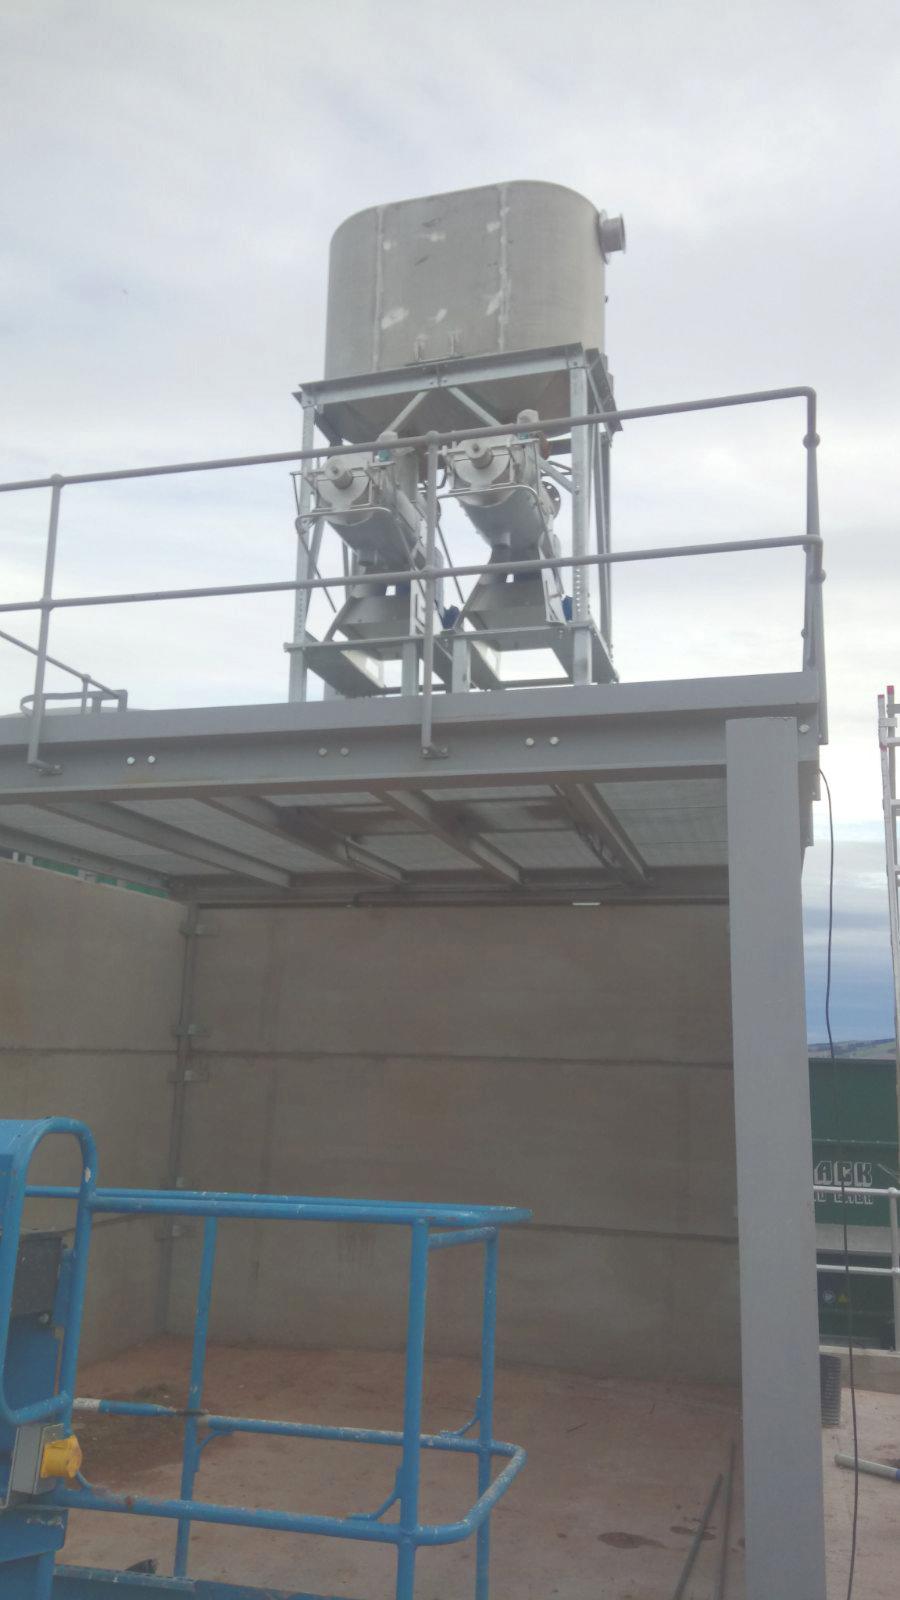 04 Instalación de Separadores y Plataforma-Planta de Biogás de 1MW en Stracathro Reino Unido